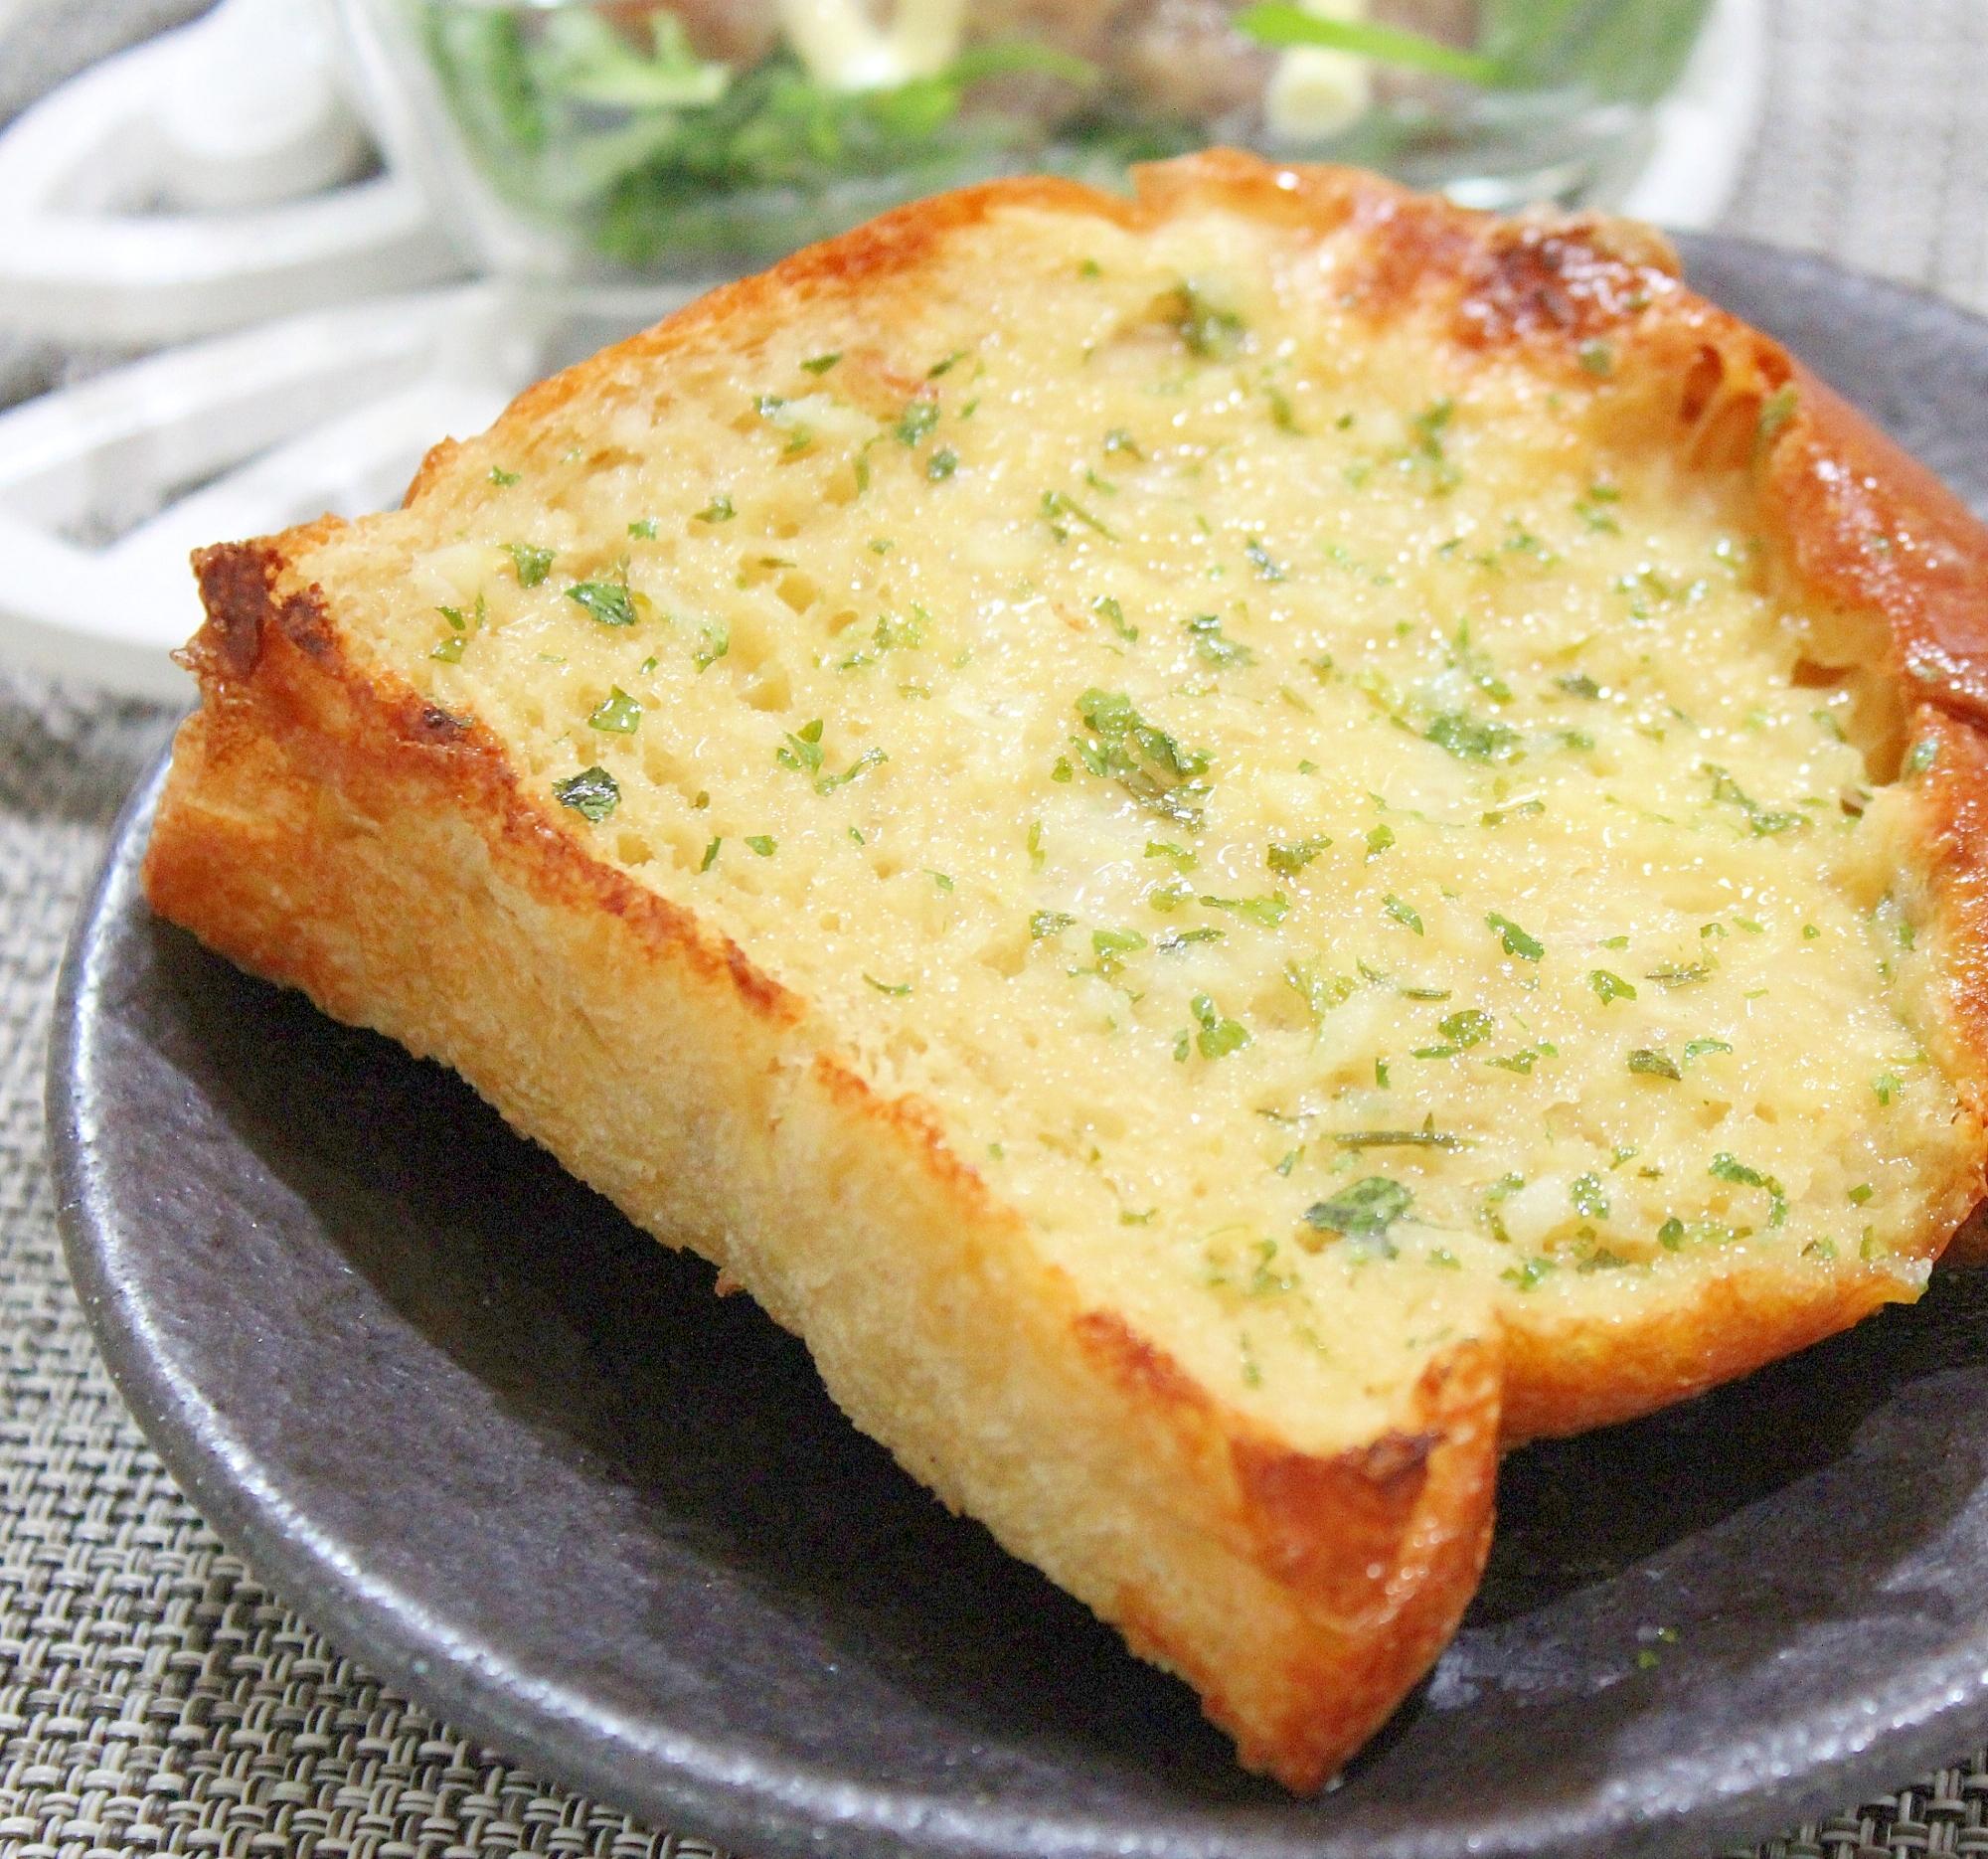 脂肪分70%オフ♪塩ガーリックバター★トースト